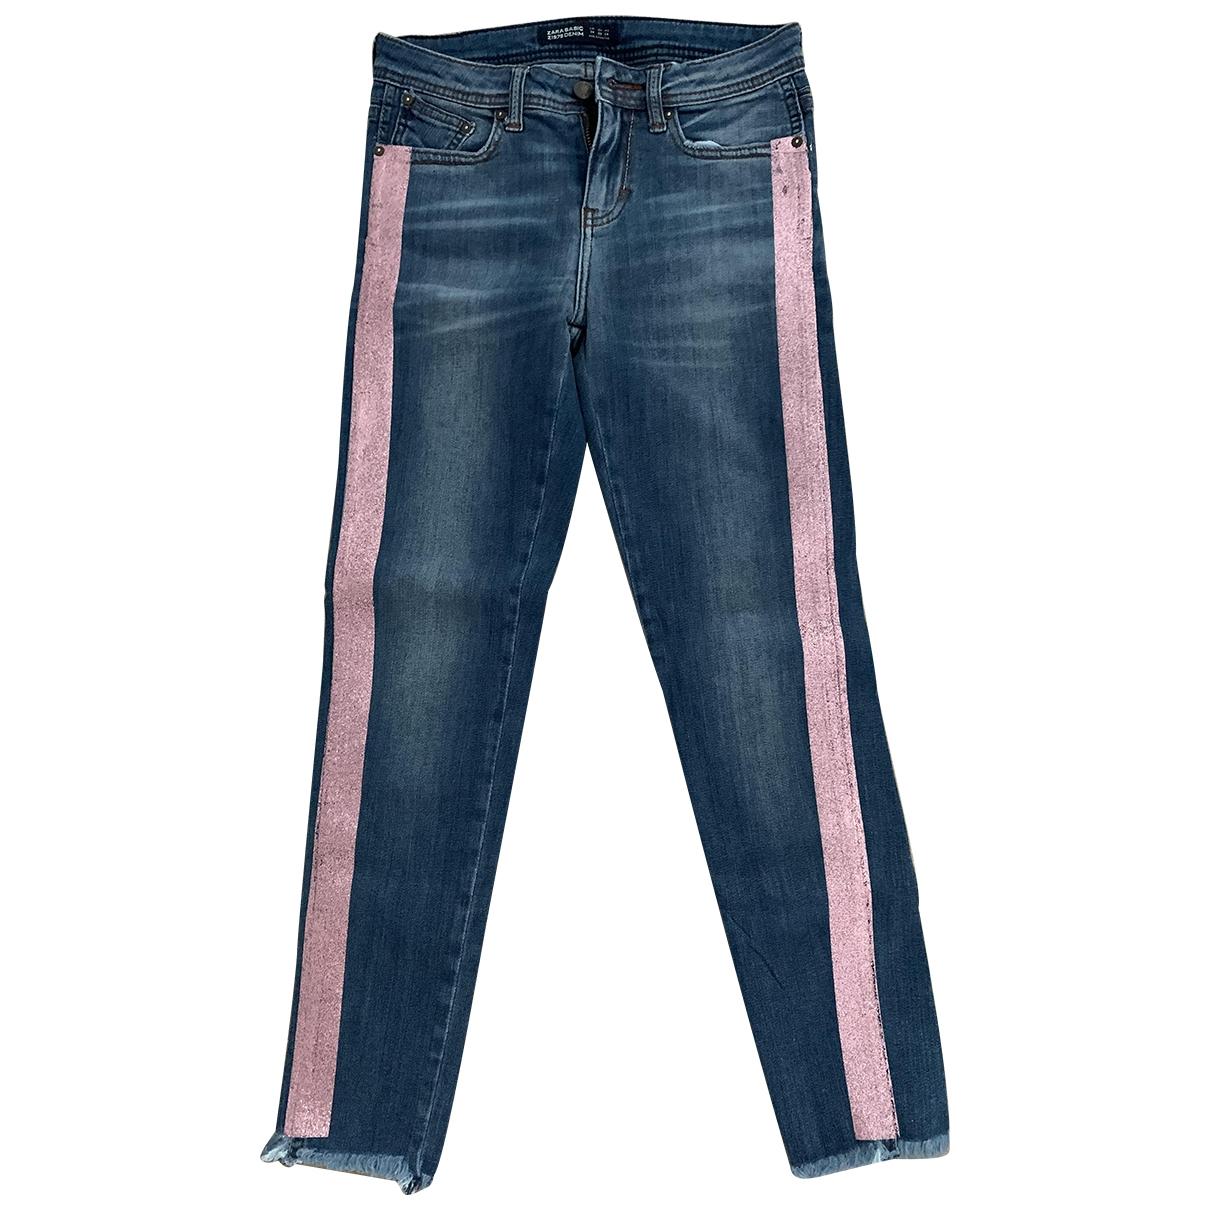 Zara \N Denim - Jeans Trousers for Women 38 IT